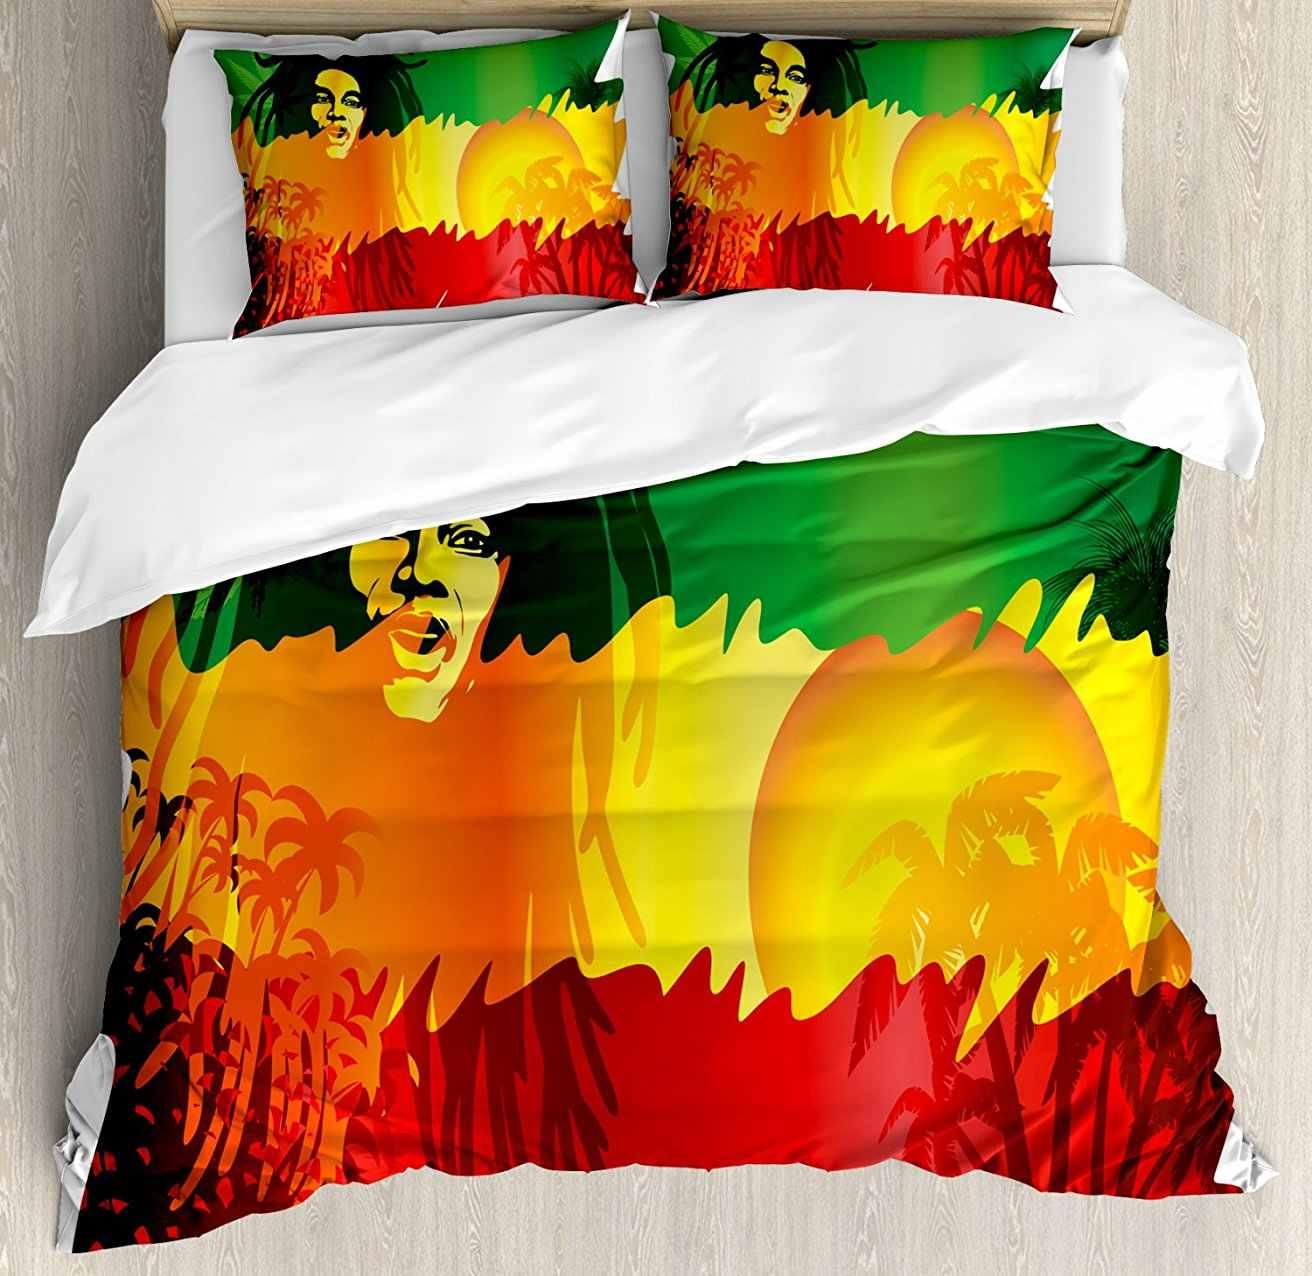 Rasta Duvet Cover Set Iconic Reggae Music Singer Abstract ...